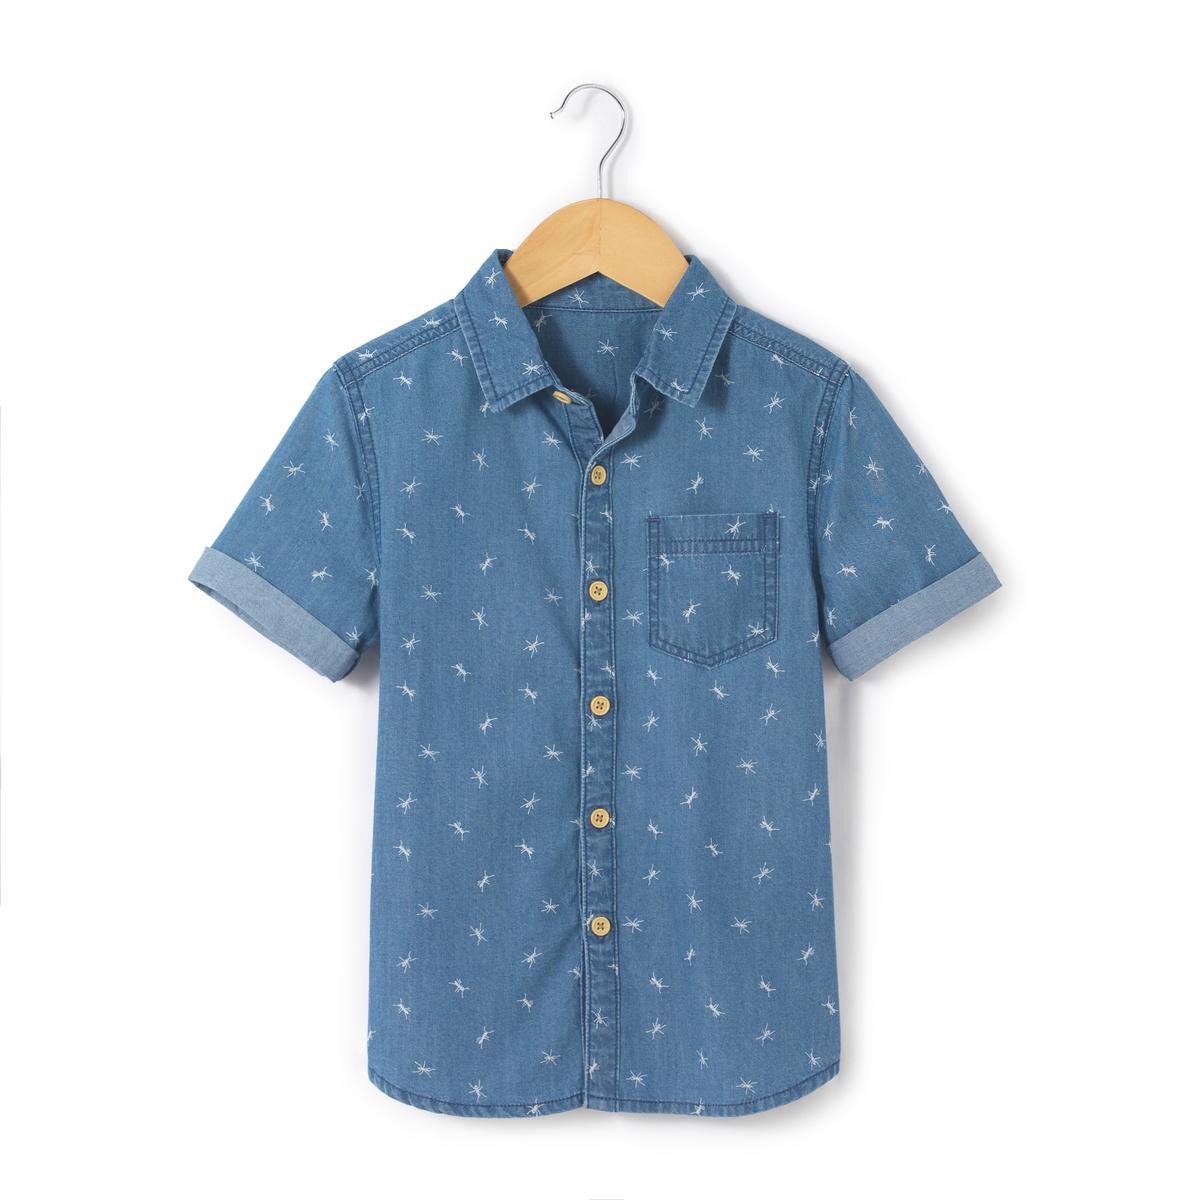 Рубашка с короткими рукавами и рисунком, 3-12 летРубашка с короткими рукавами. Небольшой рисунок муравей. 1 нагрудный карман. Застежка на пуговицы.Состав и описание : Материал          100% хлопокМарка          abcd'RУход :Машинная стирка при 30 °C с вещами схожих цветовСтирать и гладить с изнаночной стороныМашинная сушка запрещенаГладить при низкой температуре<br><br>Цвет: голубой потертый